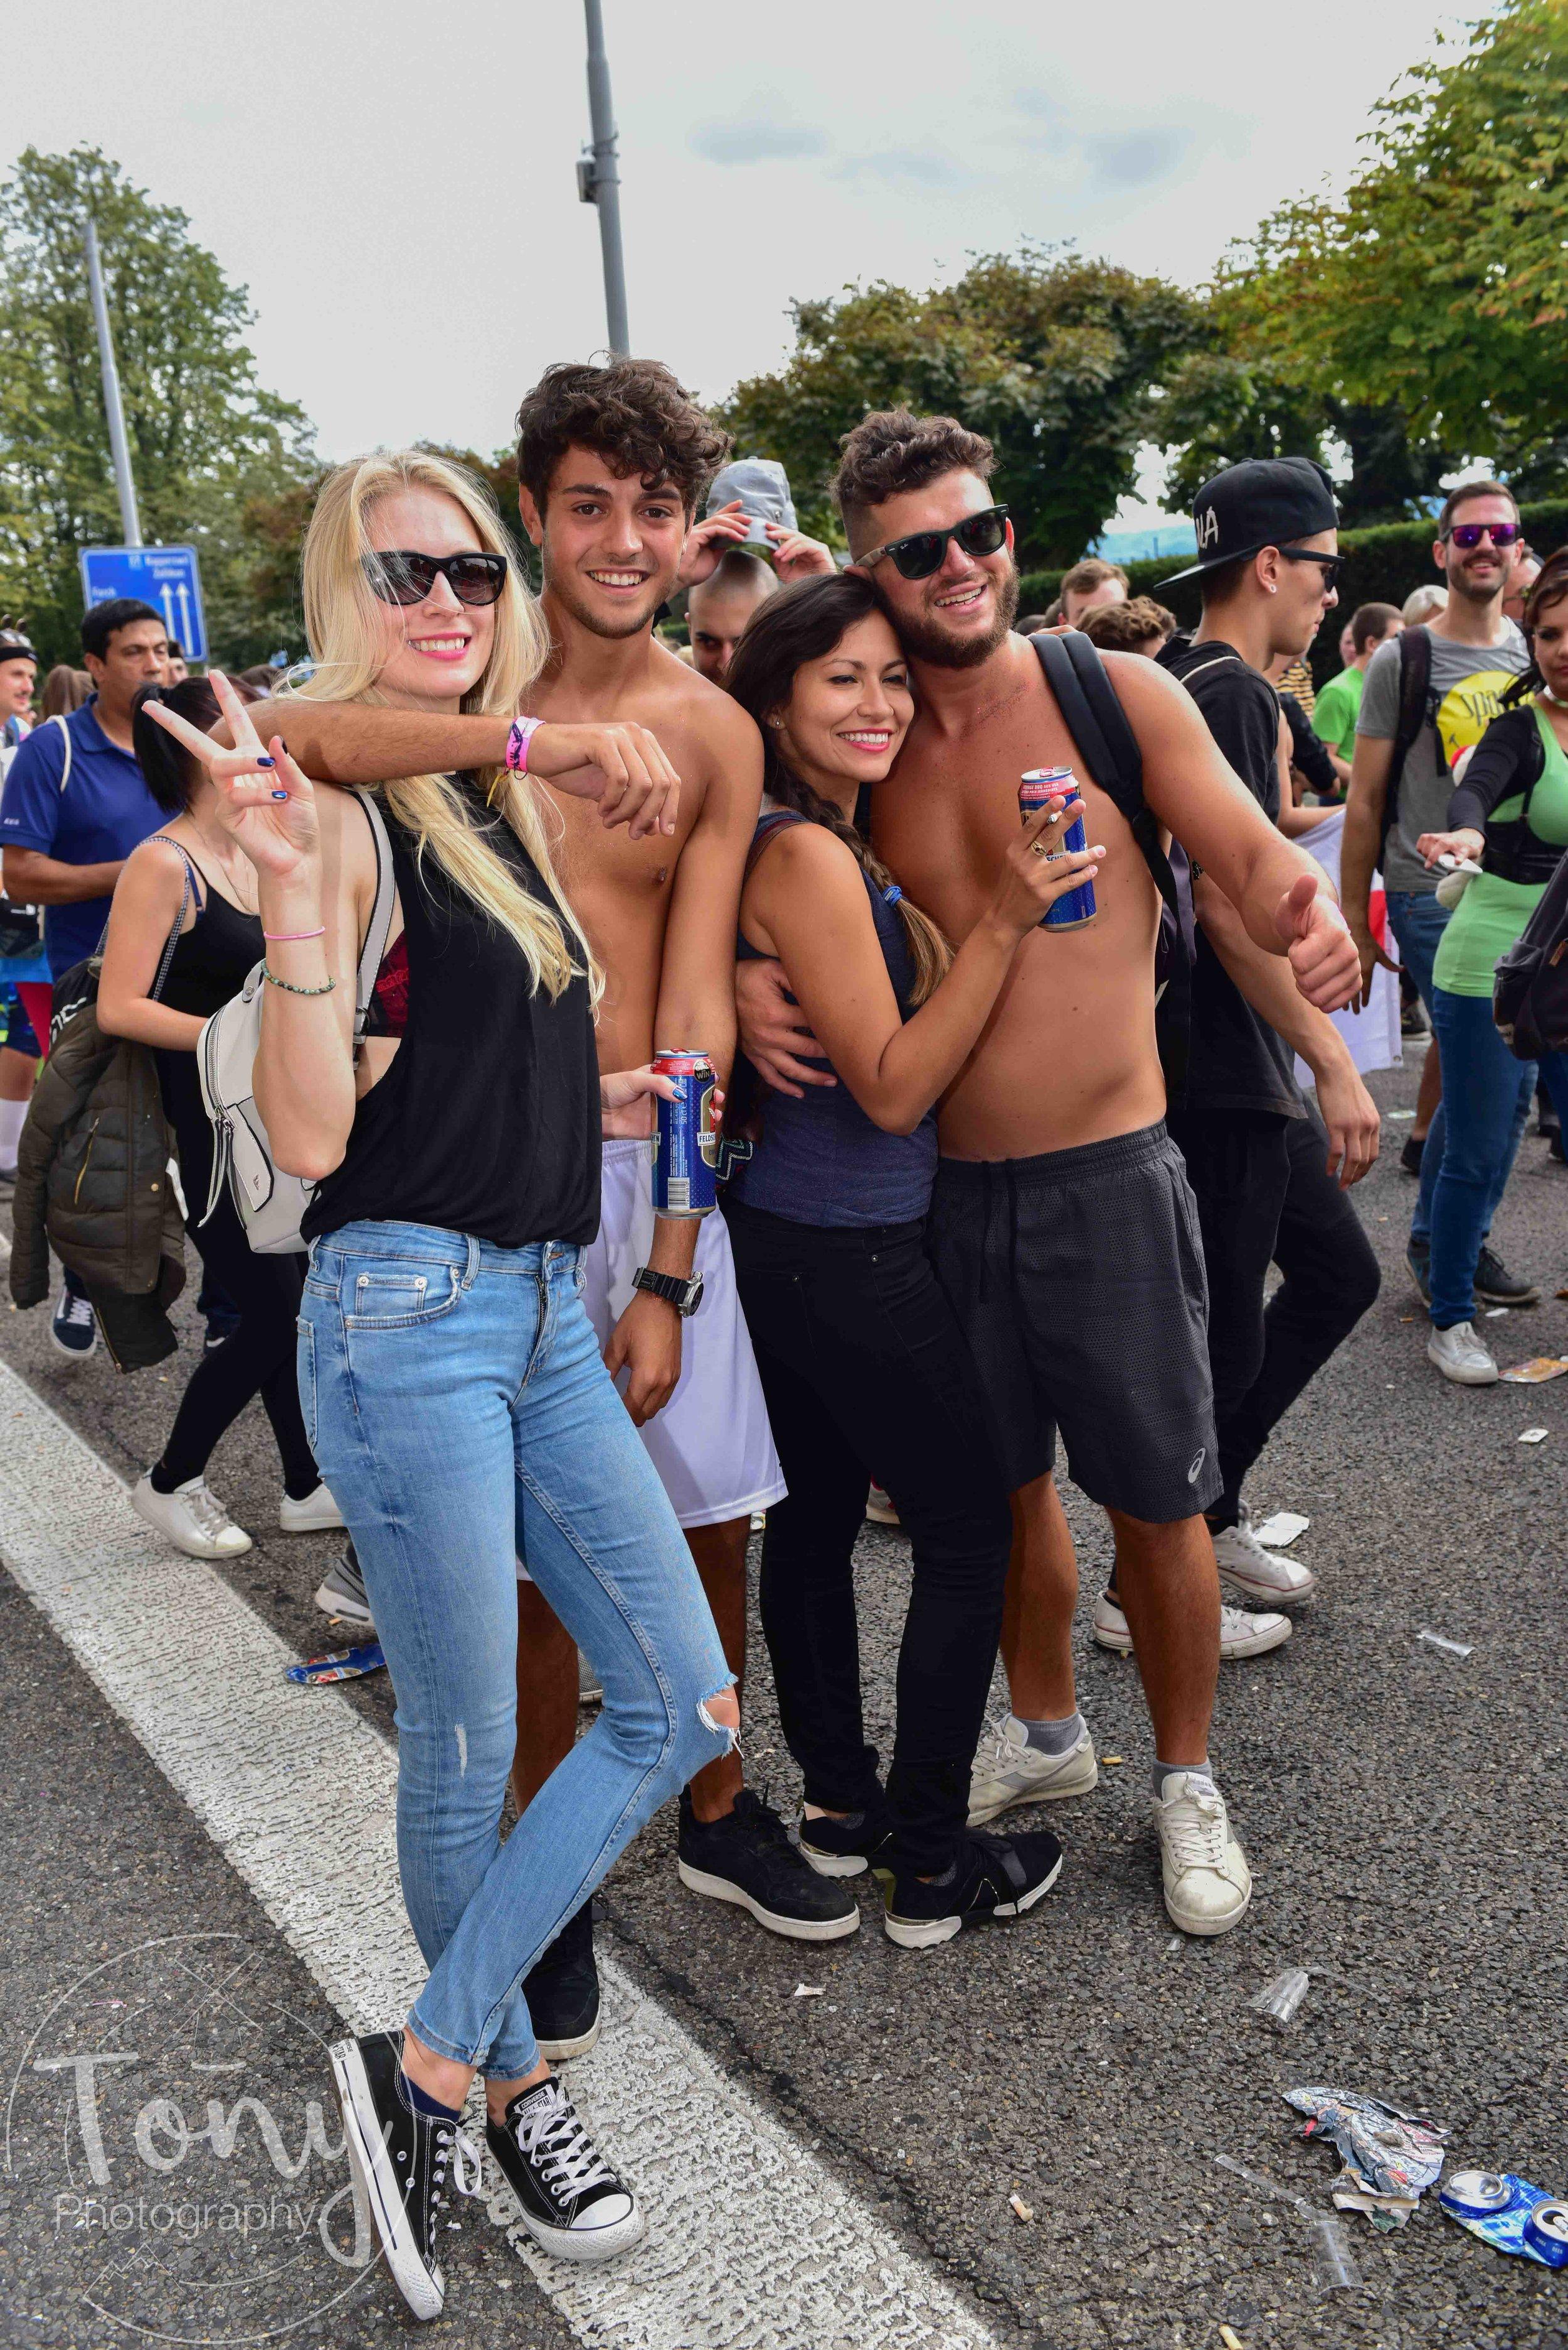 streetparade-181.jpg